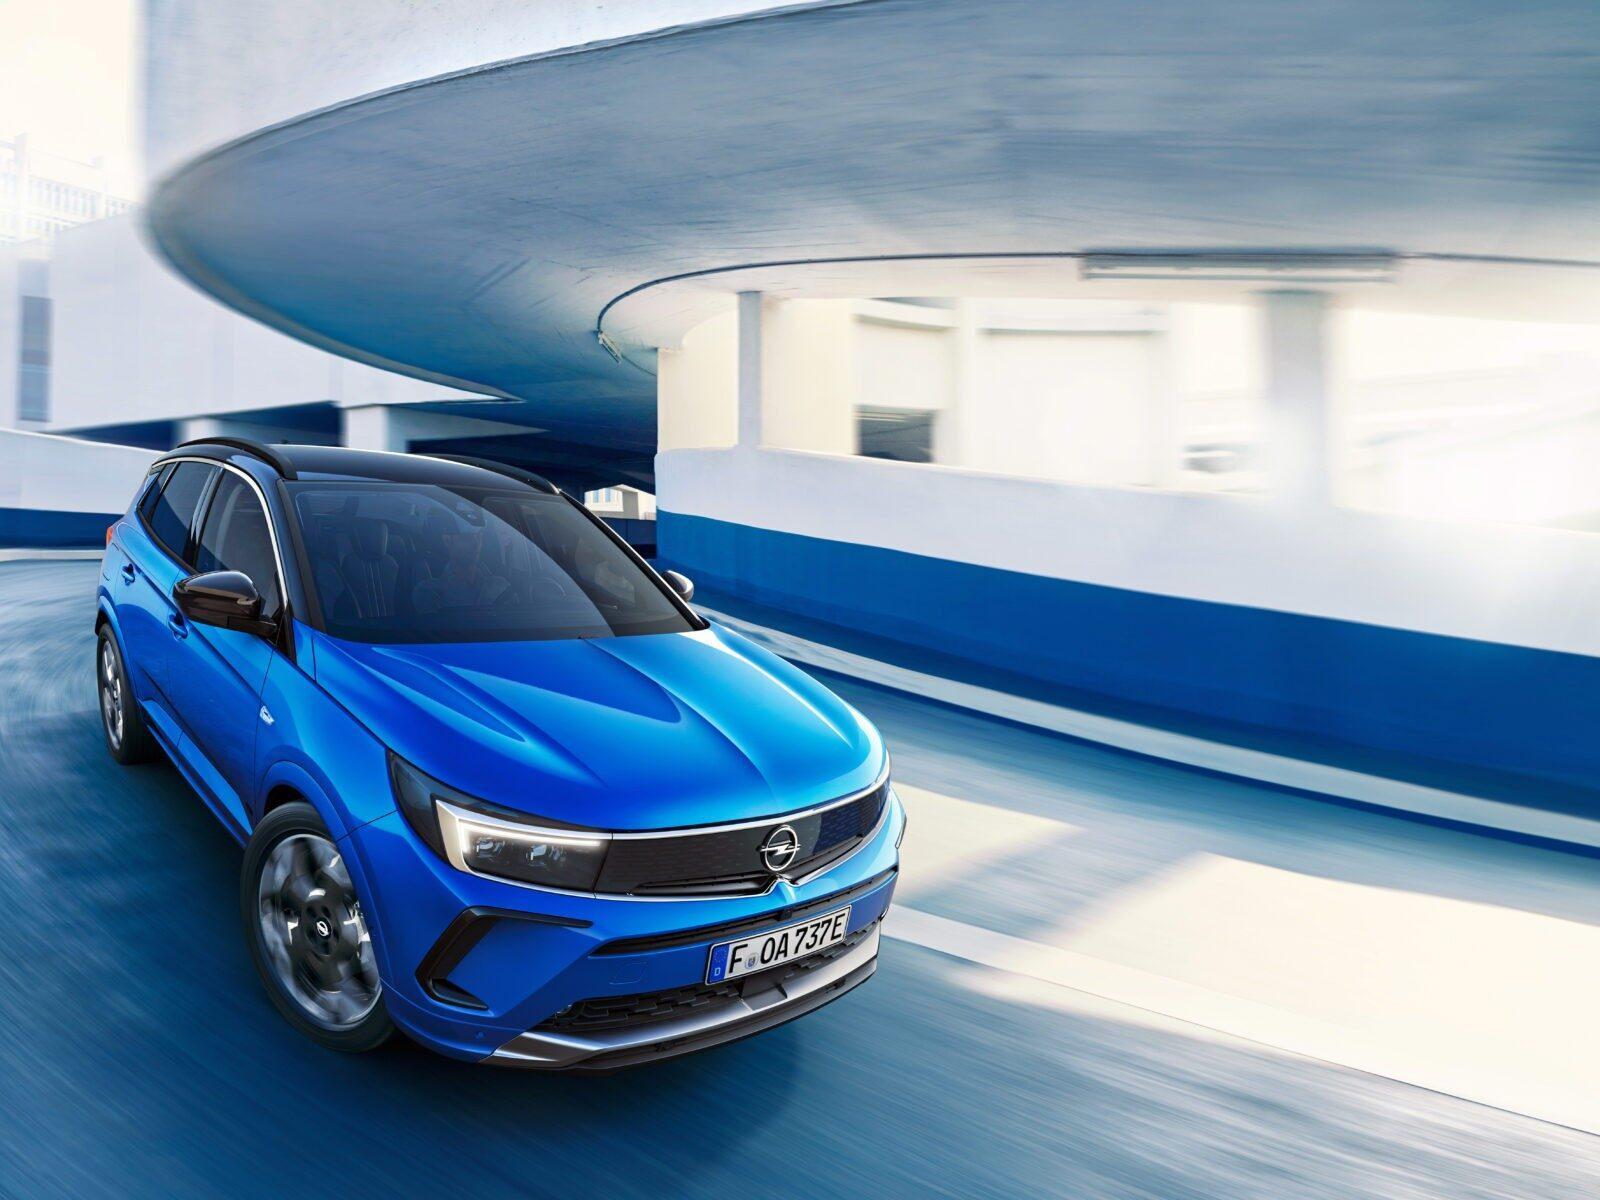 Opel сделала новый электромобиль Grandland - смелый дизайн и передовые технологии (novyj opel grandland 3)